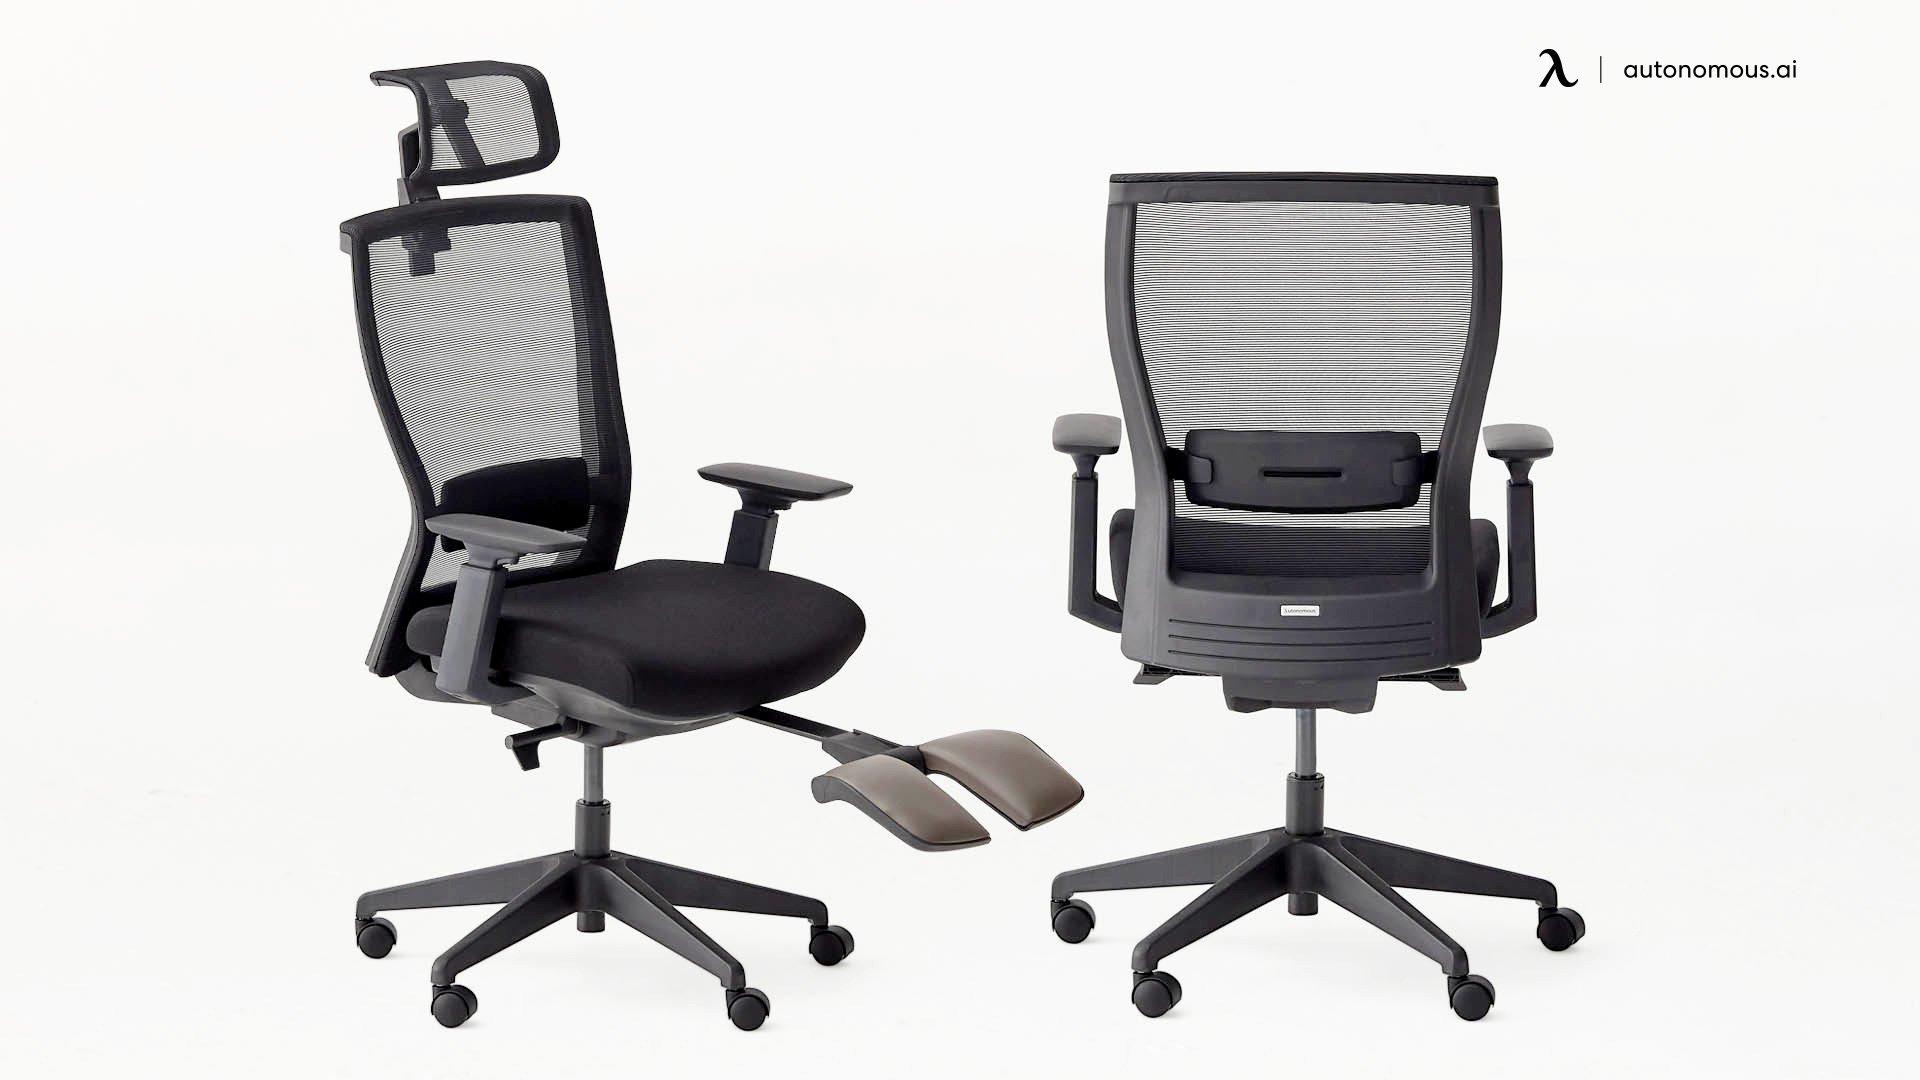 ErgoChair Pro as office chair design